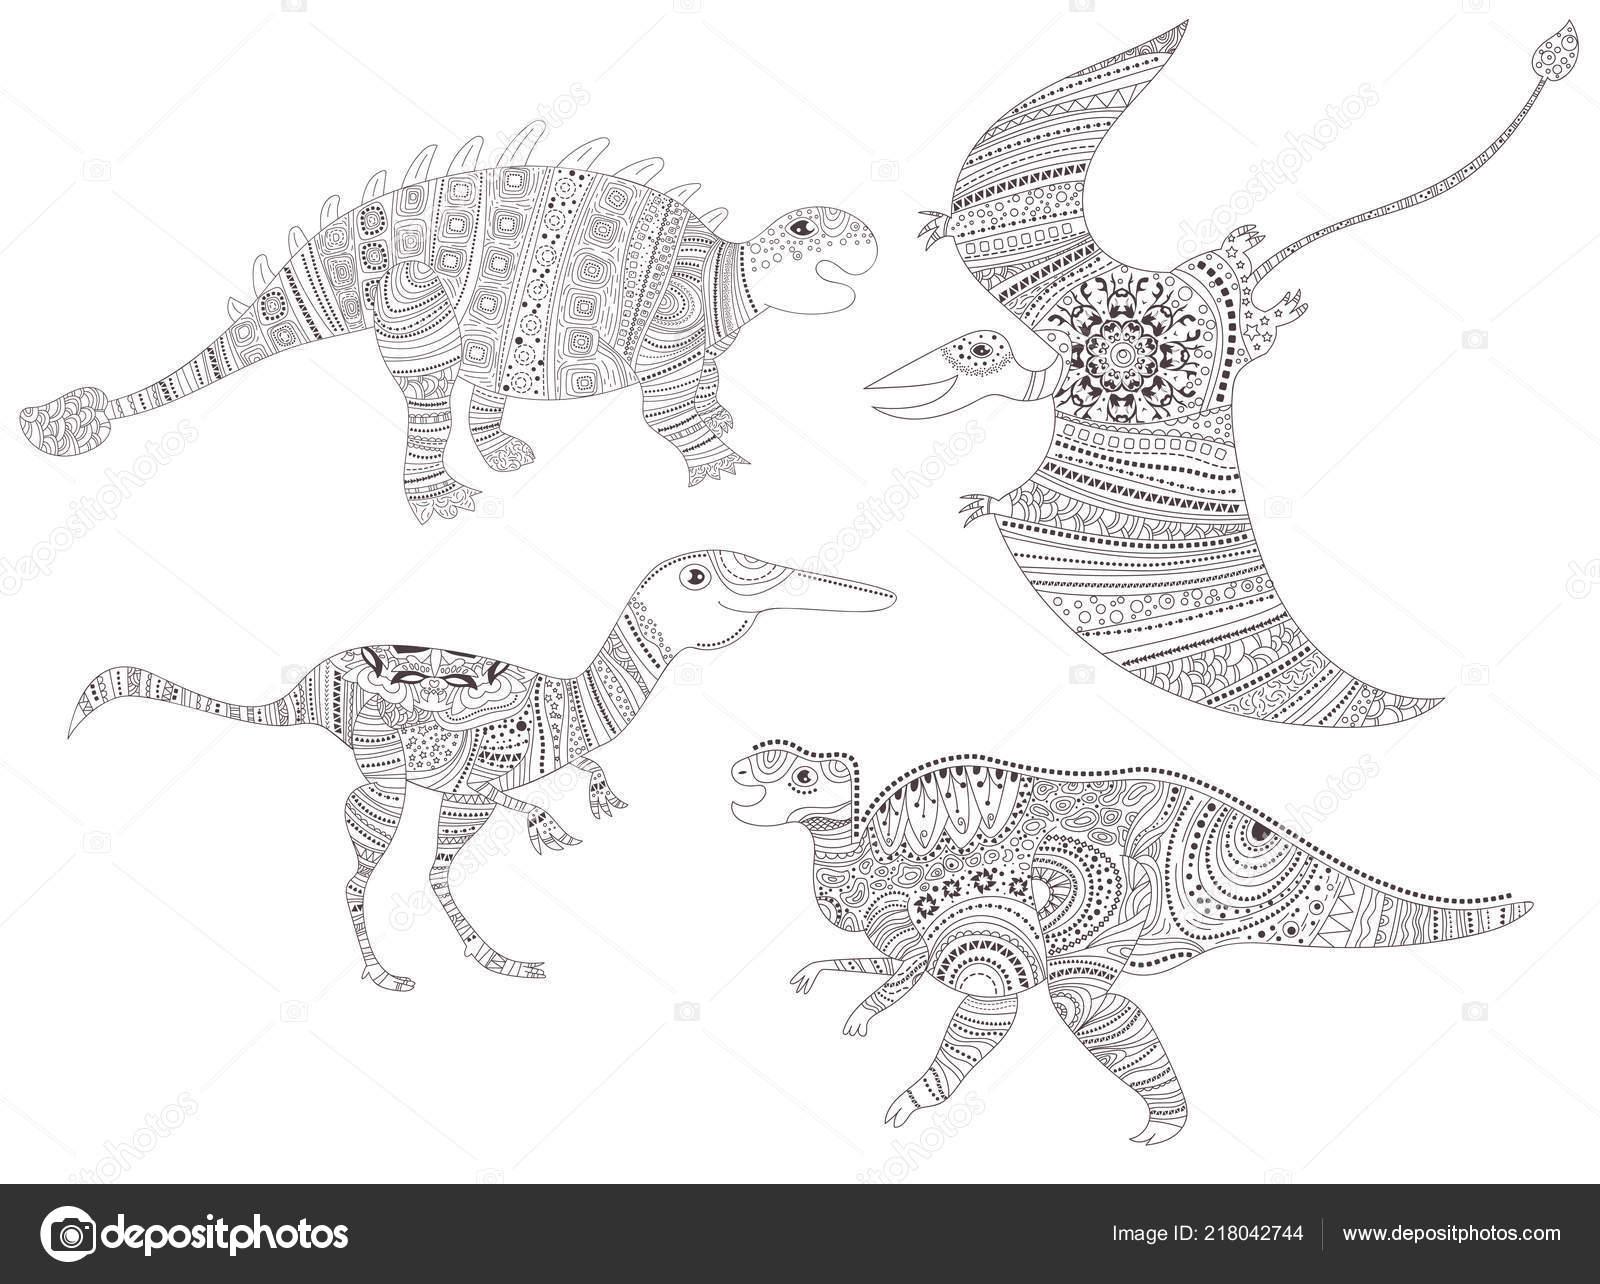 Malvorlagen Kinder Dinosaurier - Kinder zeichnen und ausmalen